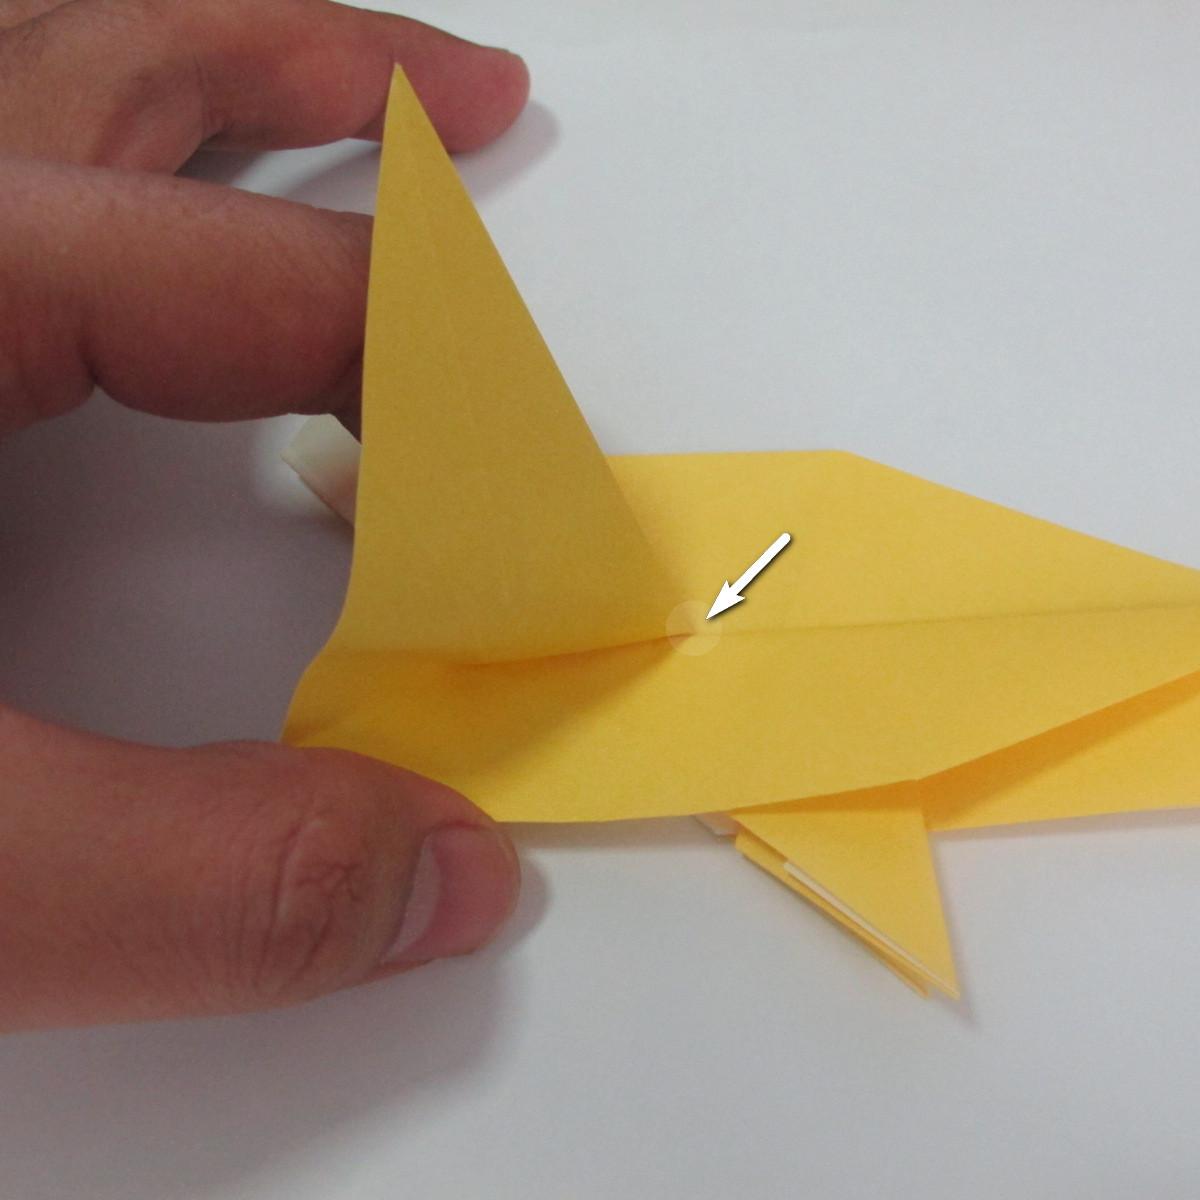 สอนวิธีพับกระดาษเป็นรูปลูกสุนัขยืนสองขา แบบของพอล ฟราสโก้ (Down Boy Dog Origami) 053